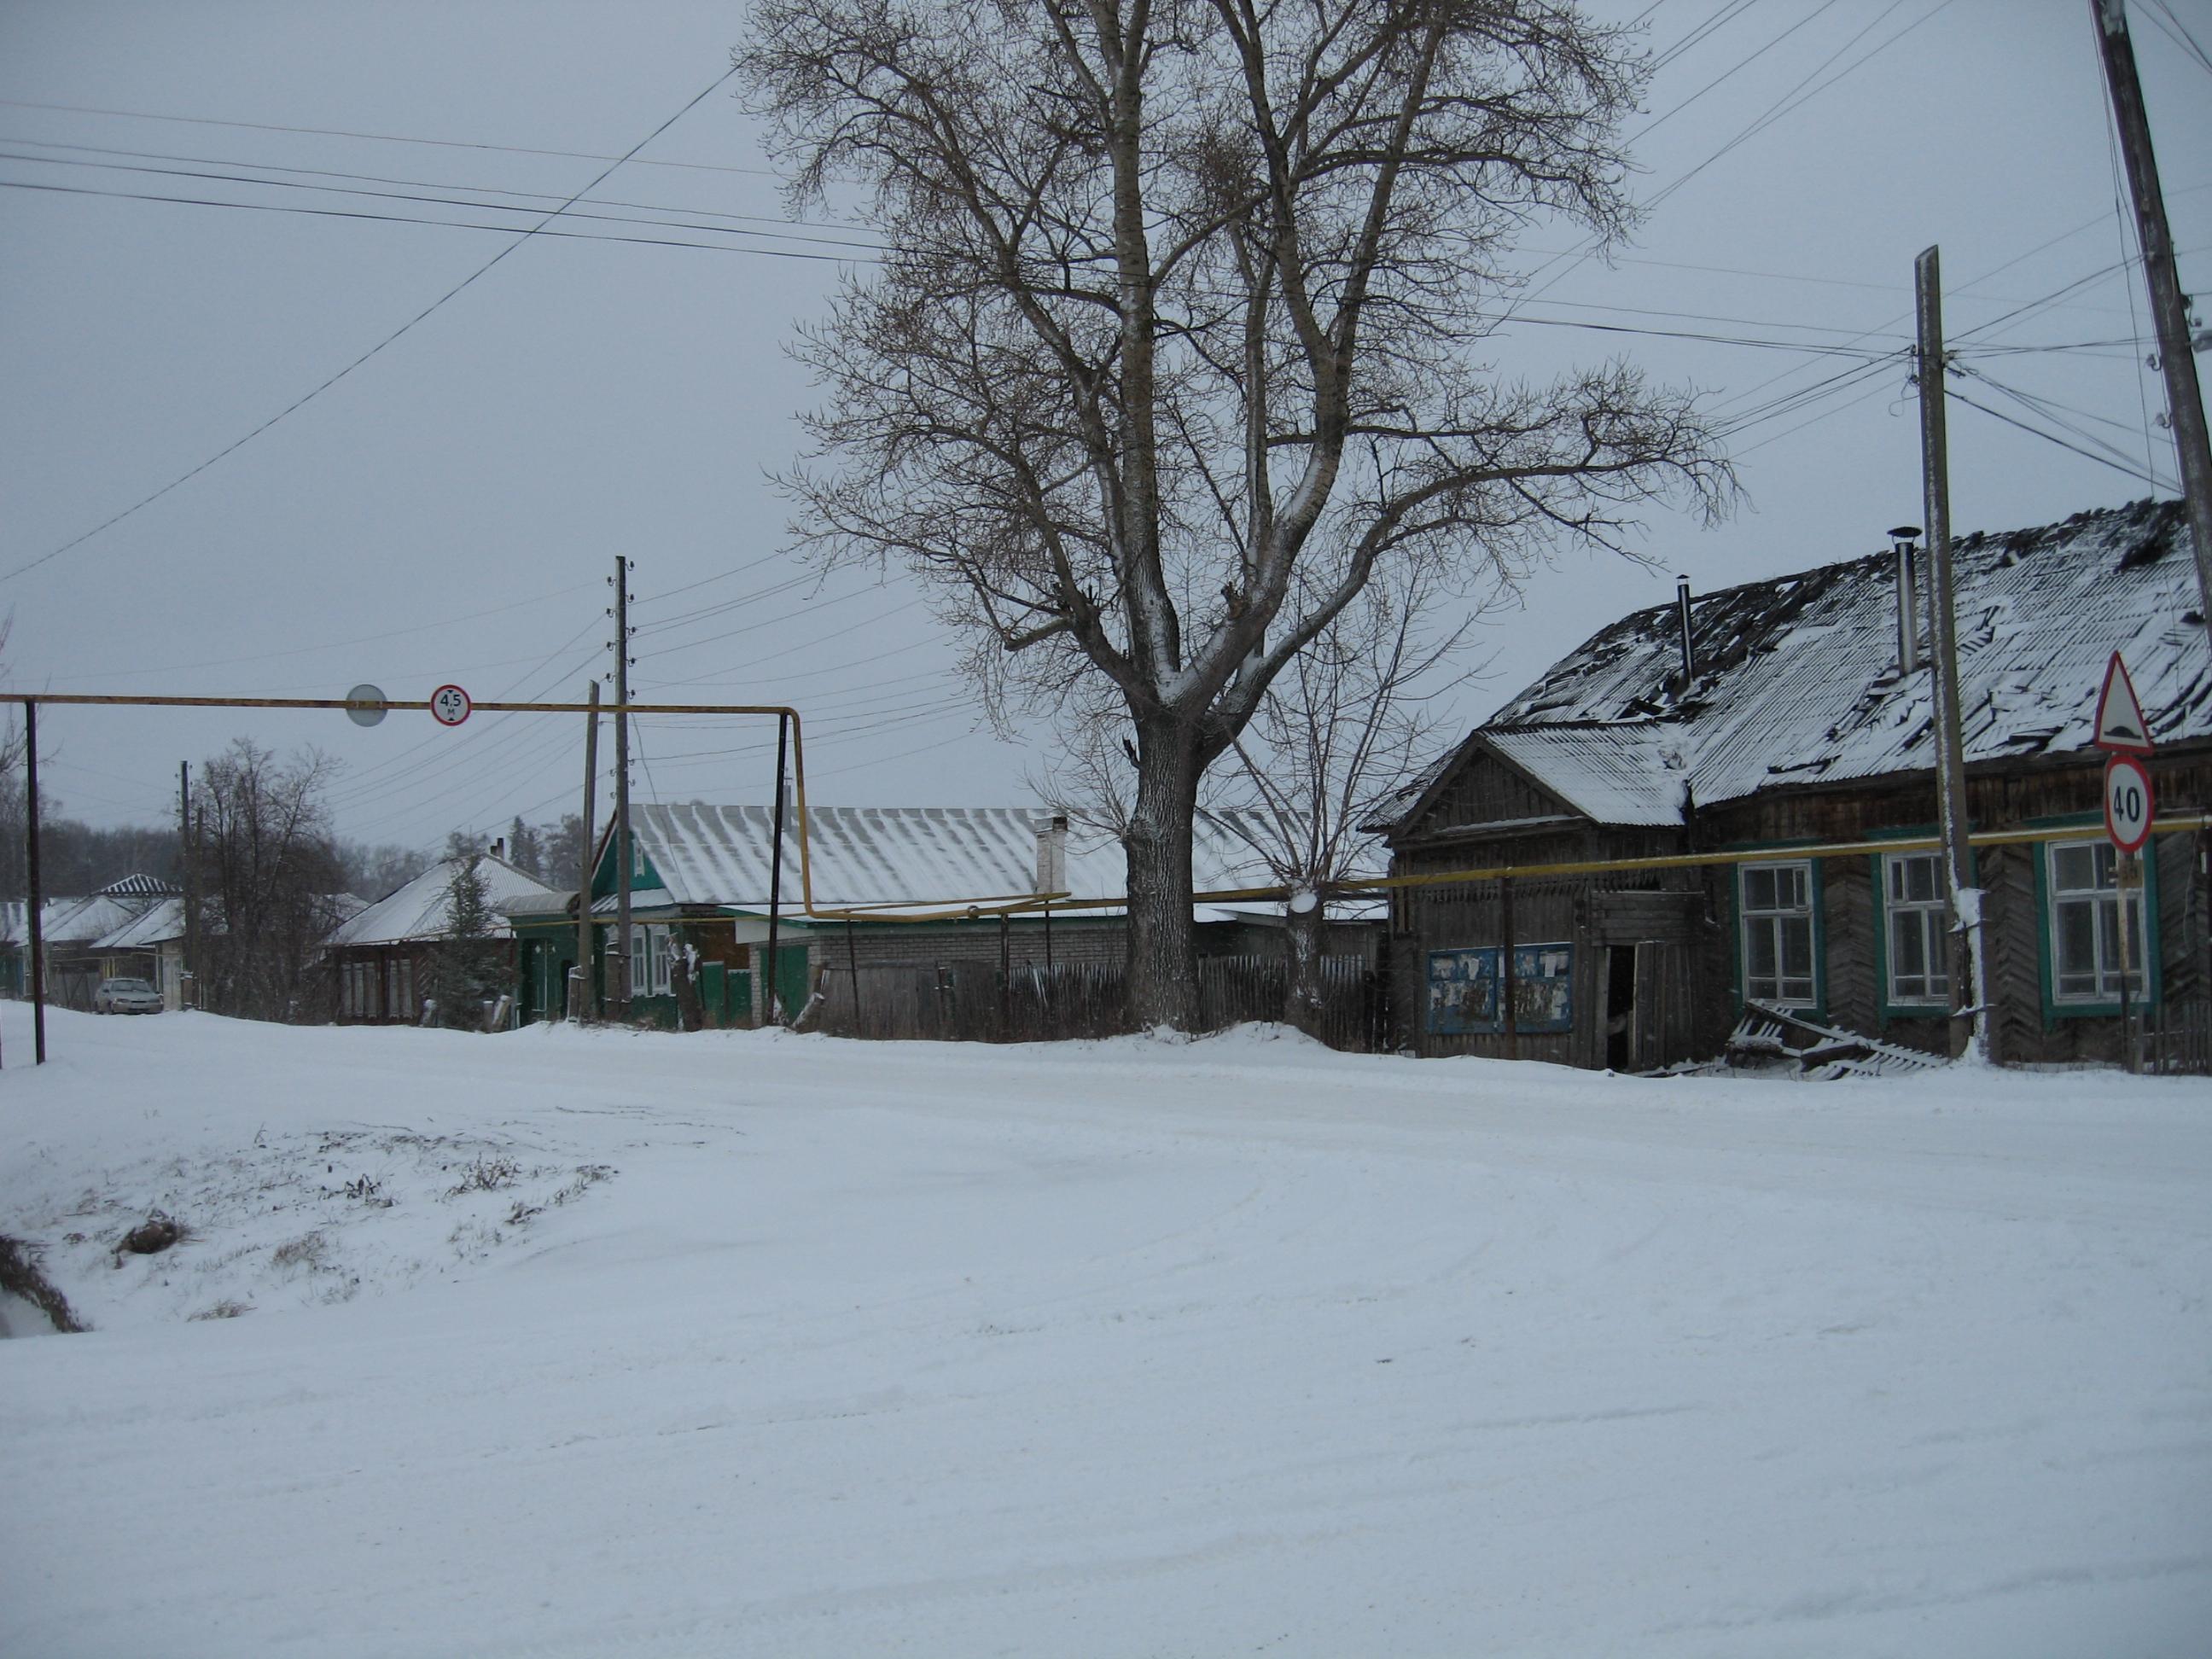 2020 03 24 Малмыж Снег (3).JPG